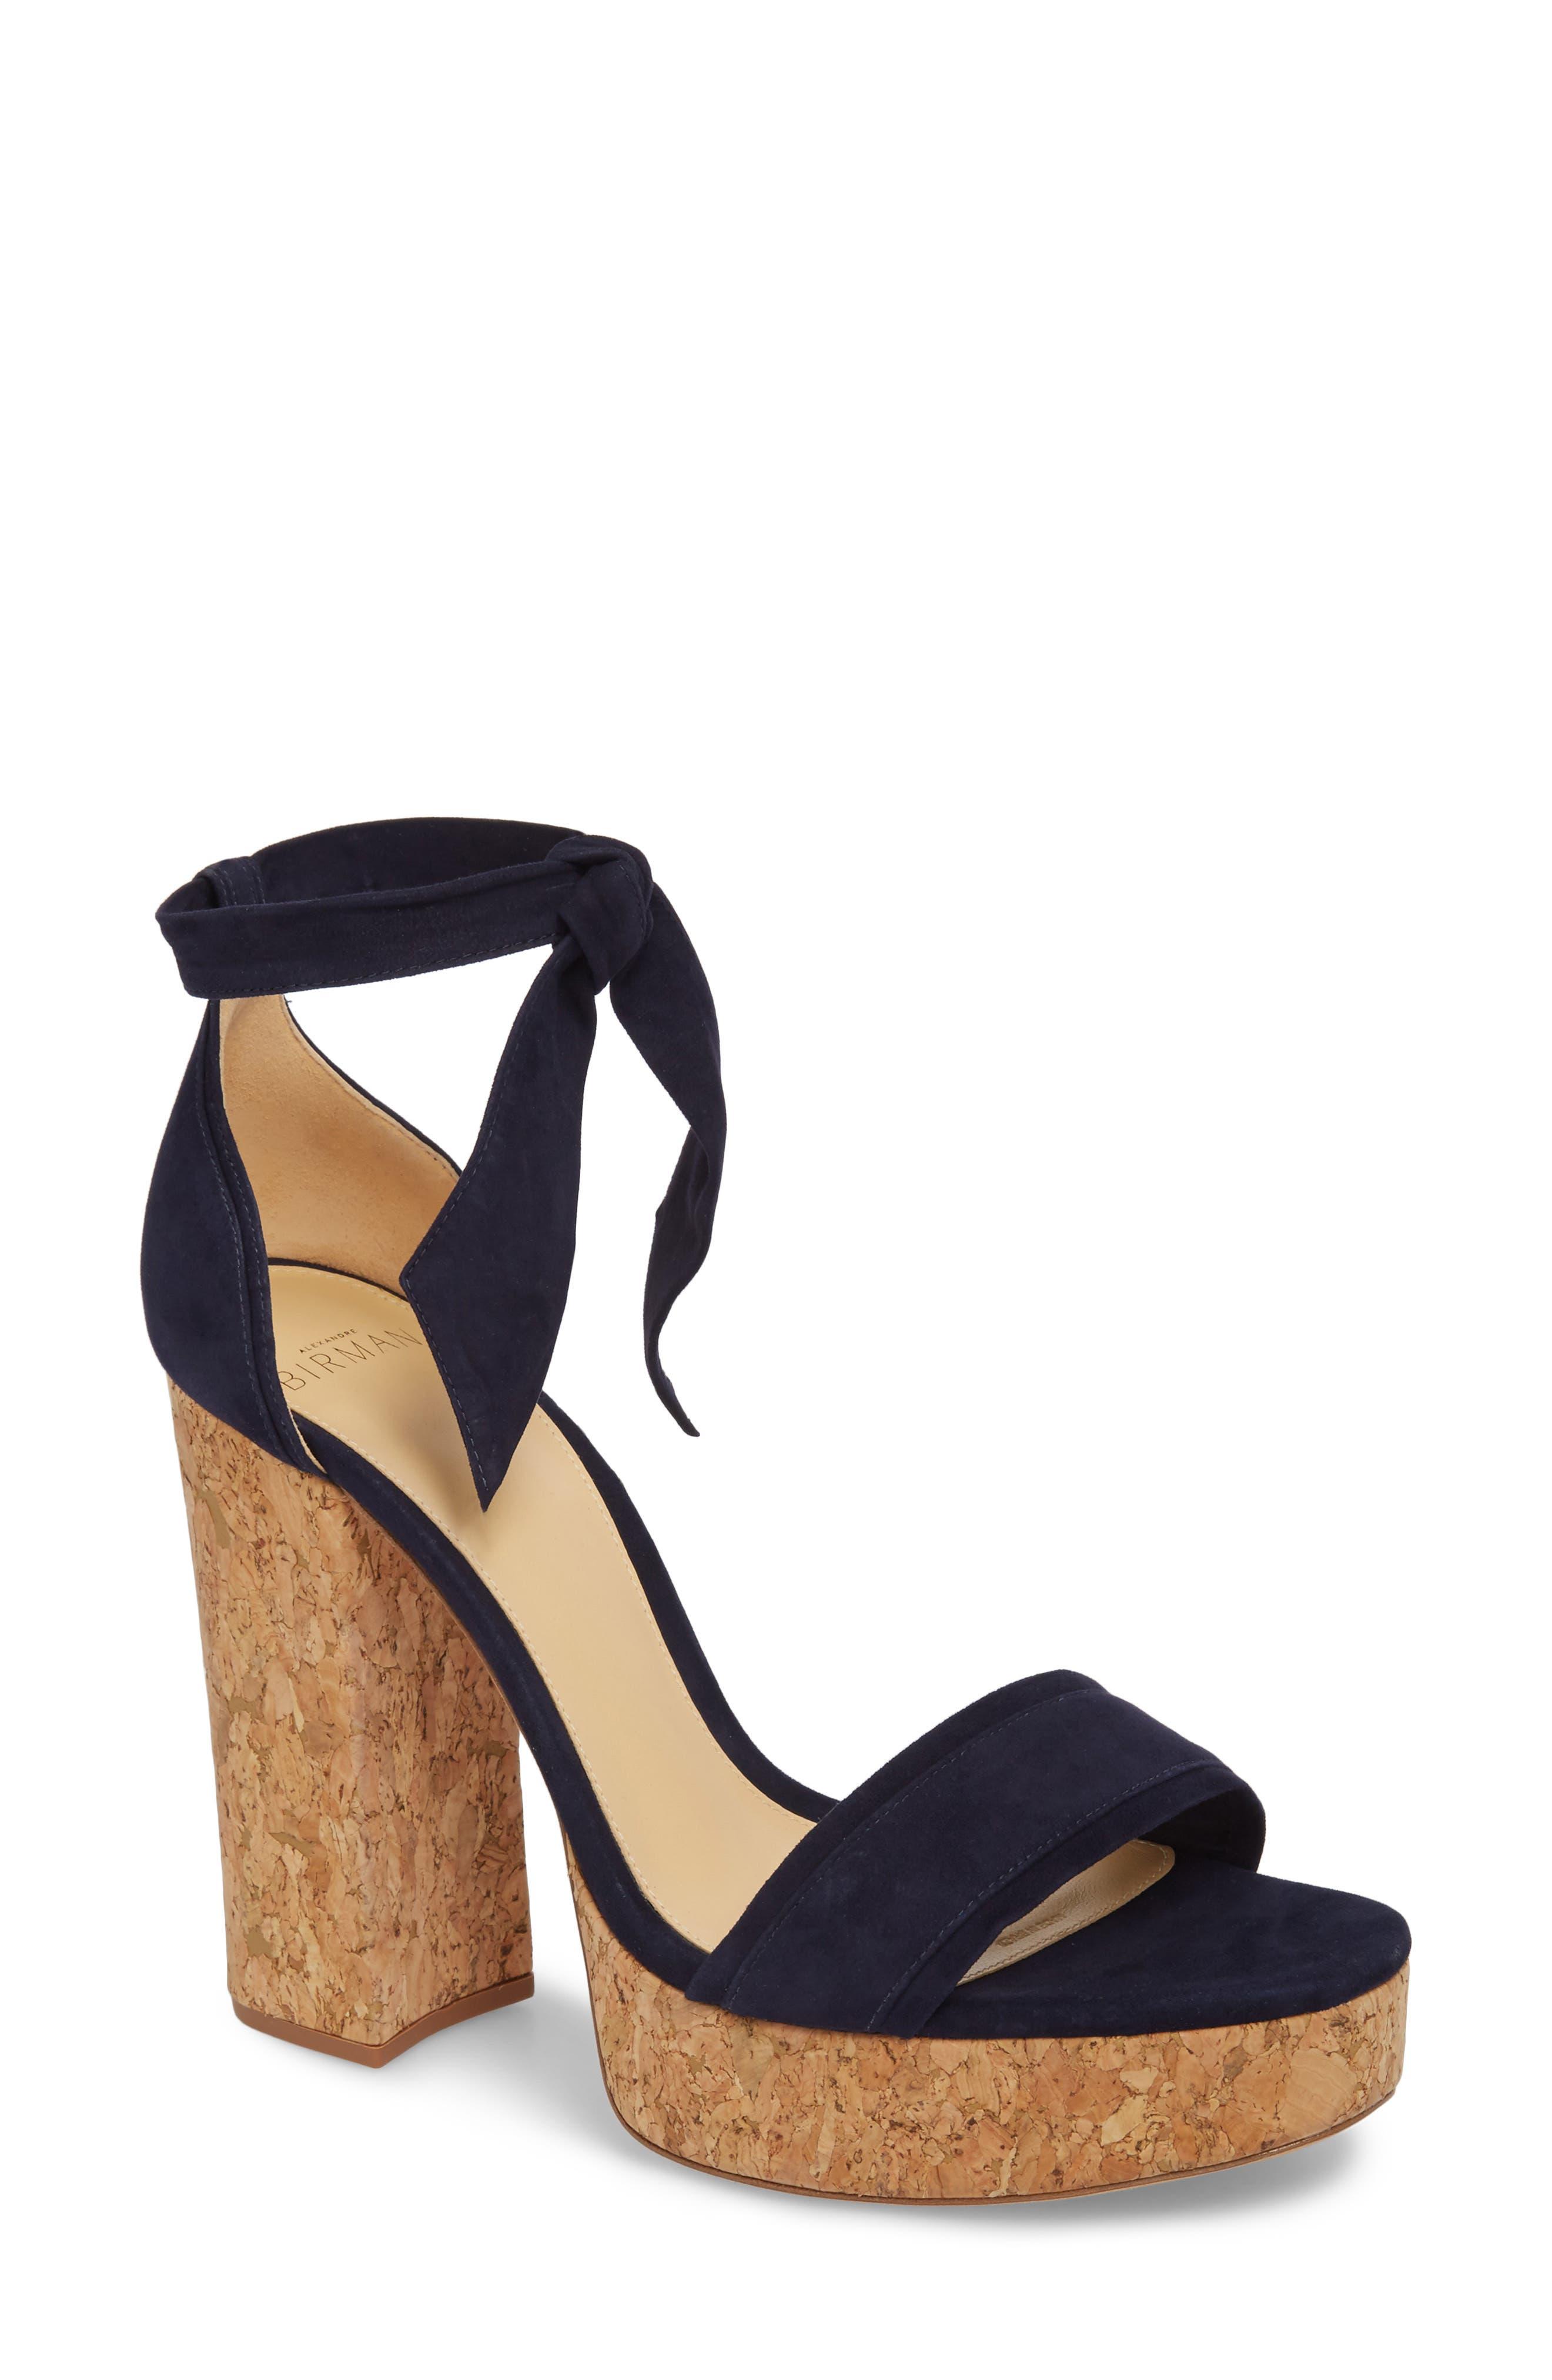 Celine Ankle Tie Platform Sandal,                             Main thumbnail 1, color,                             400